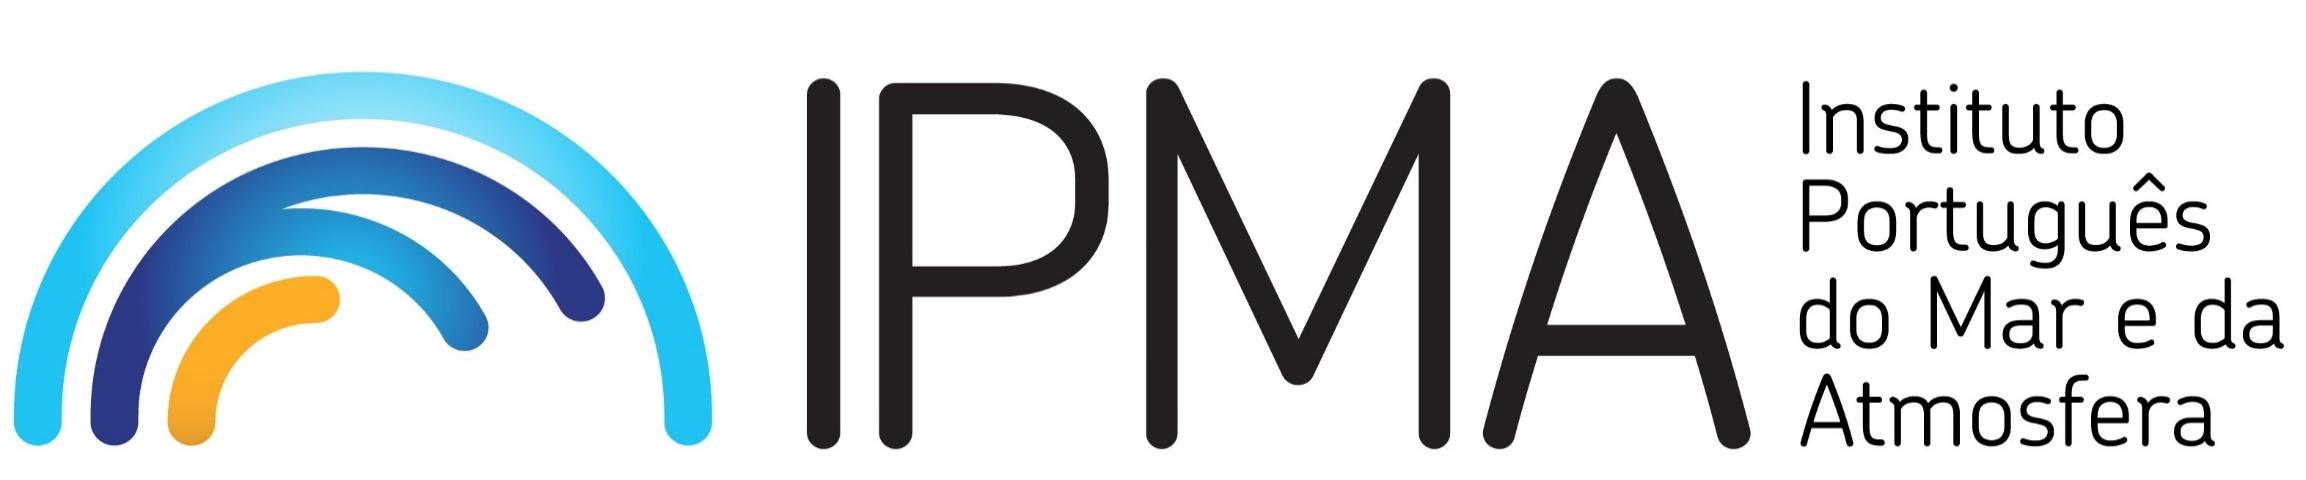 Portugese Institute (IPMA)